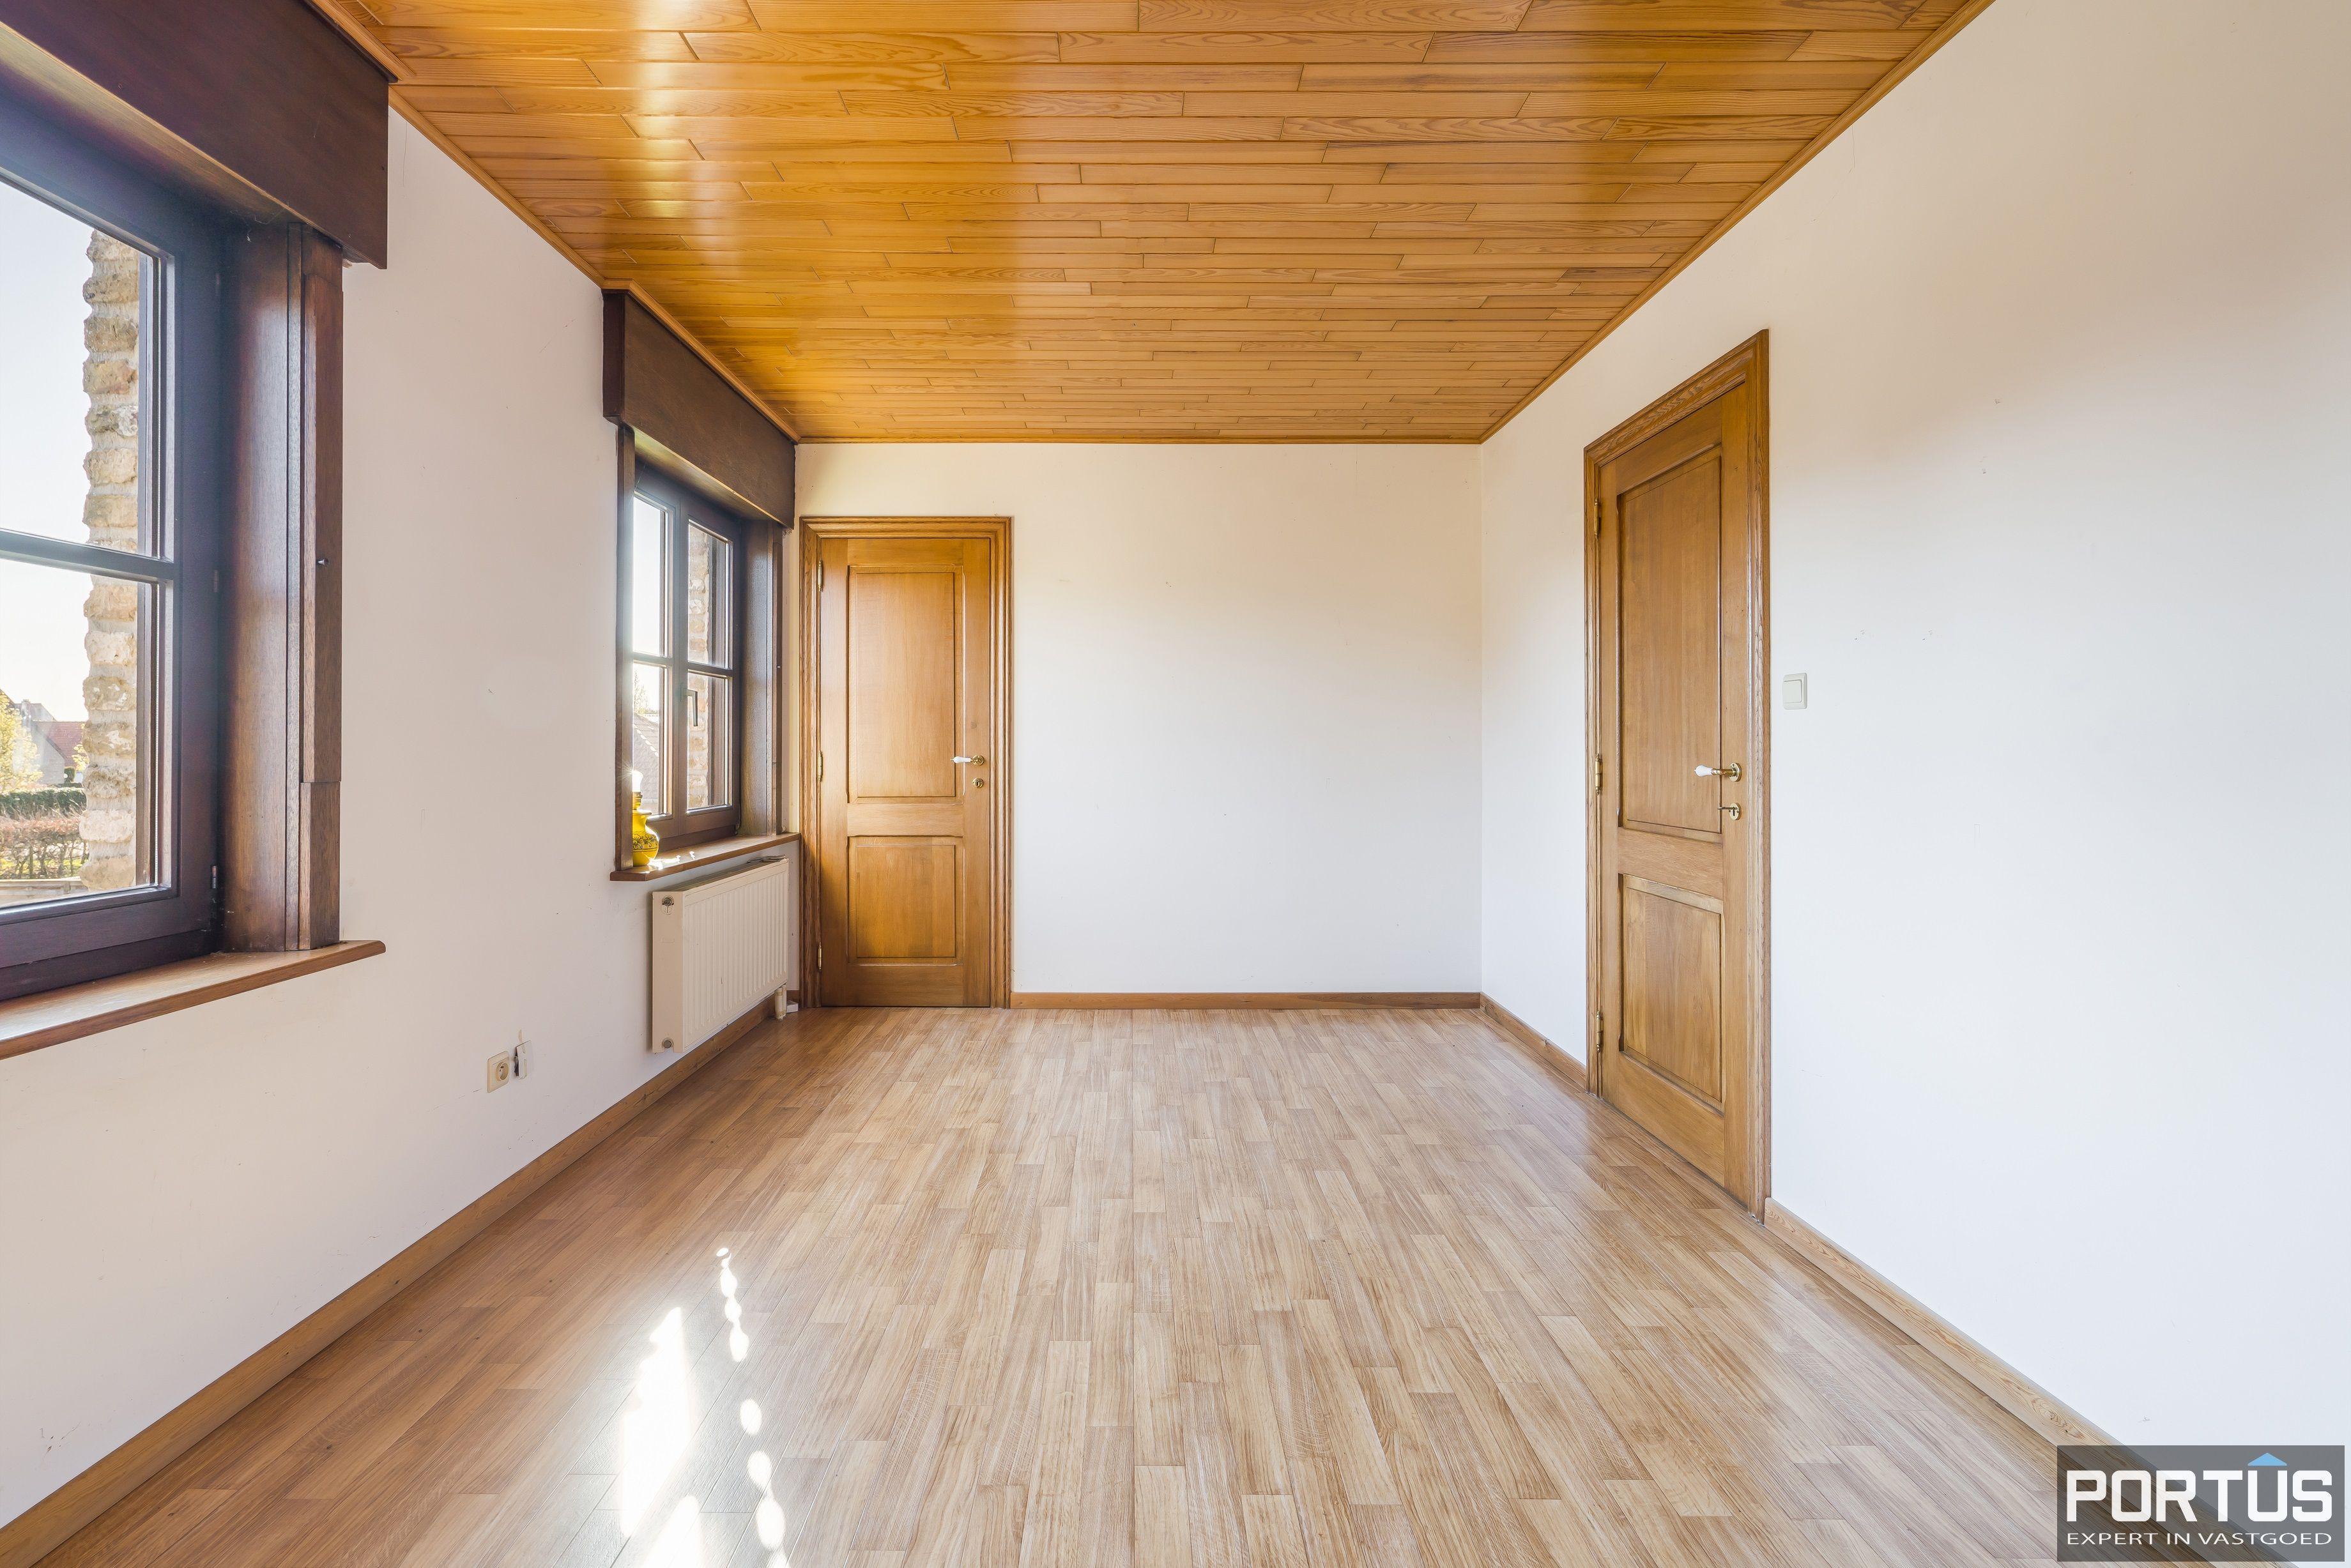 Woning te koop met 4 slaapkamers te Oostduinkerke - 12593